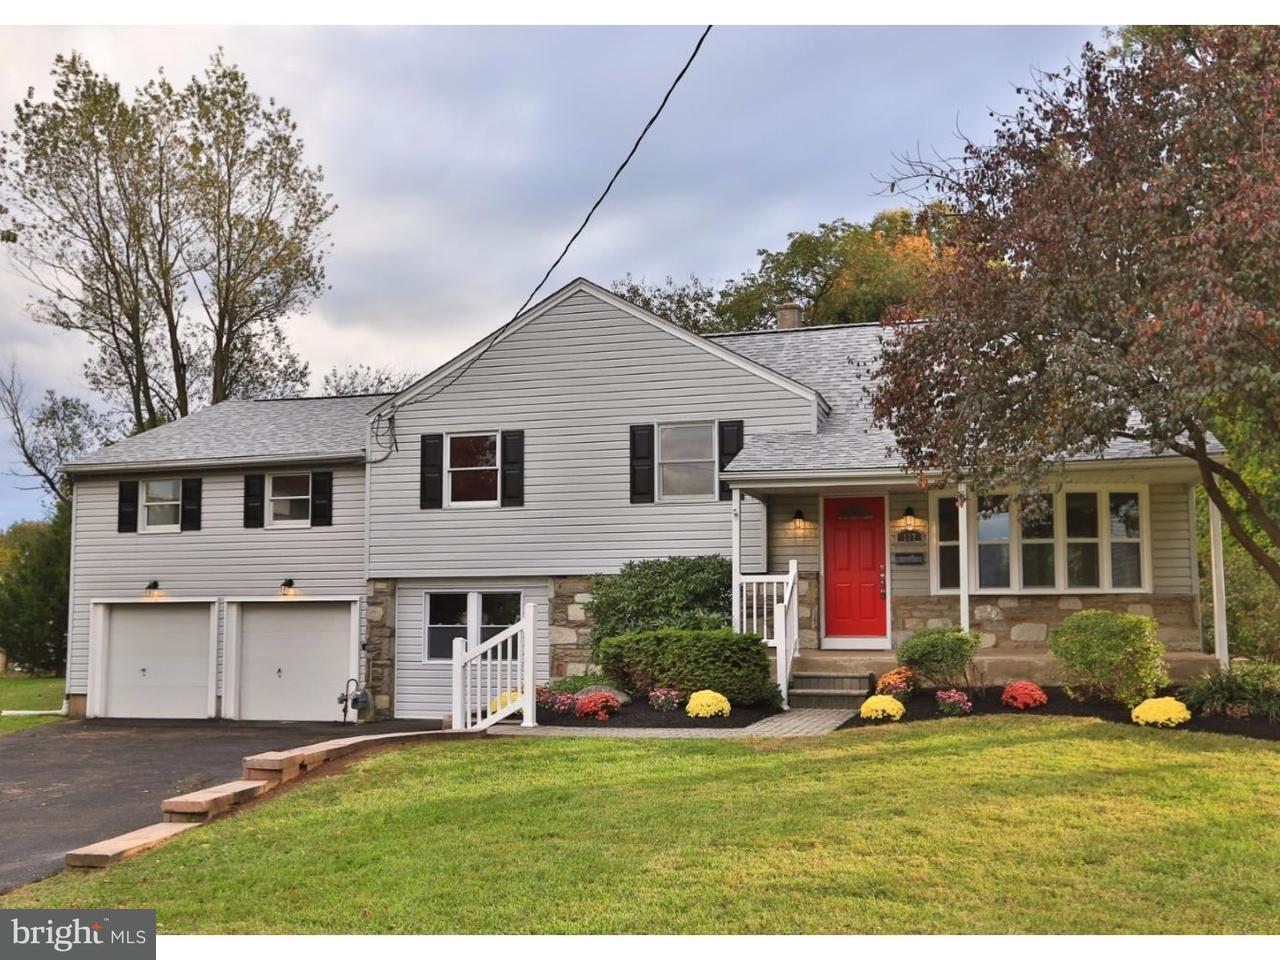 Maison unifamiliale pour l Vente à 117 PARKWAY Road Hatboro, Pennsylvanie 19040 États-Unis